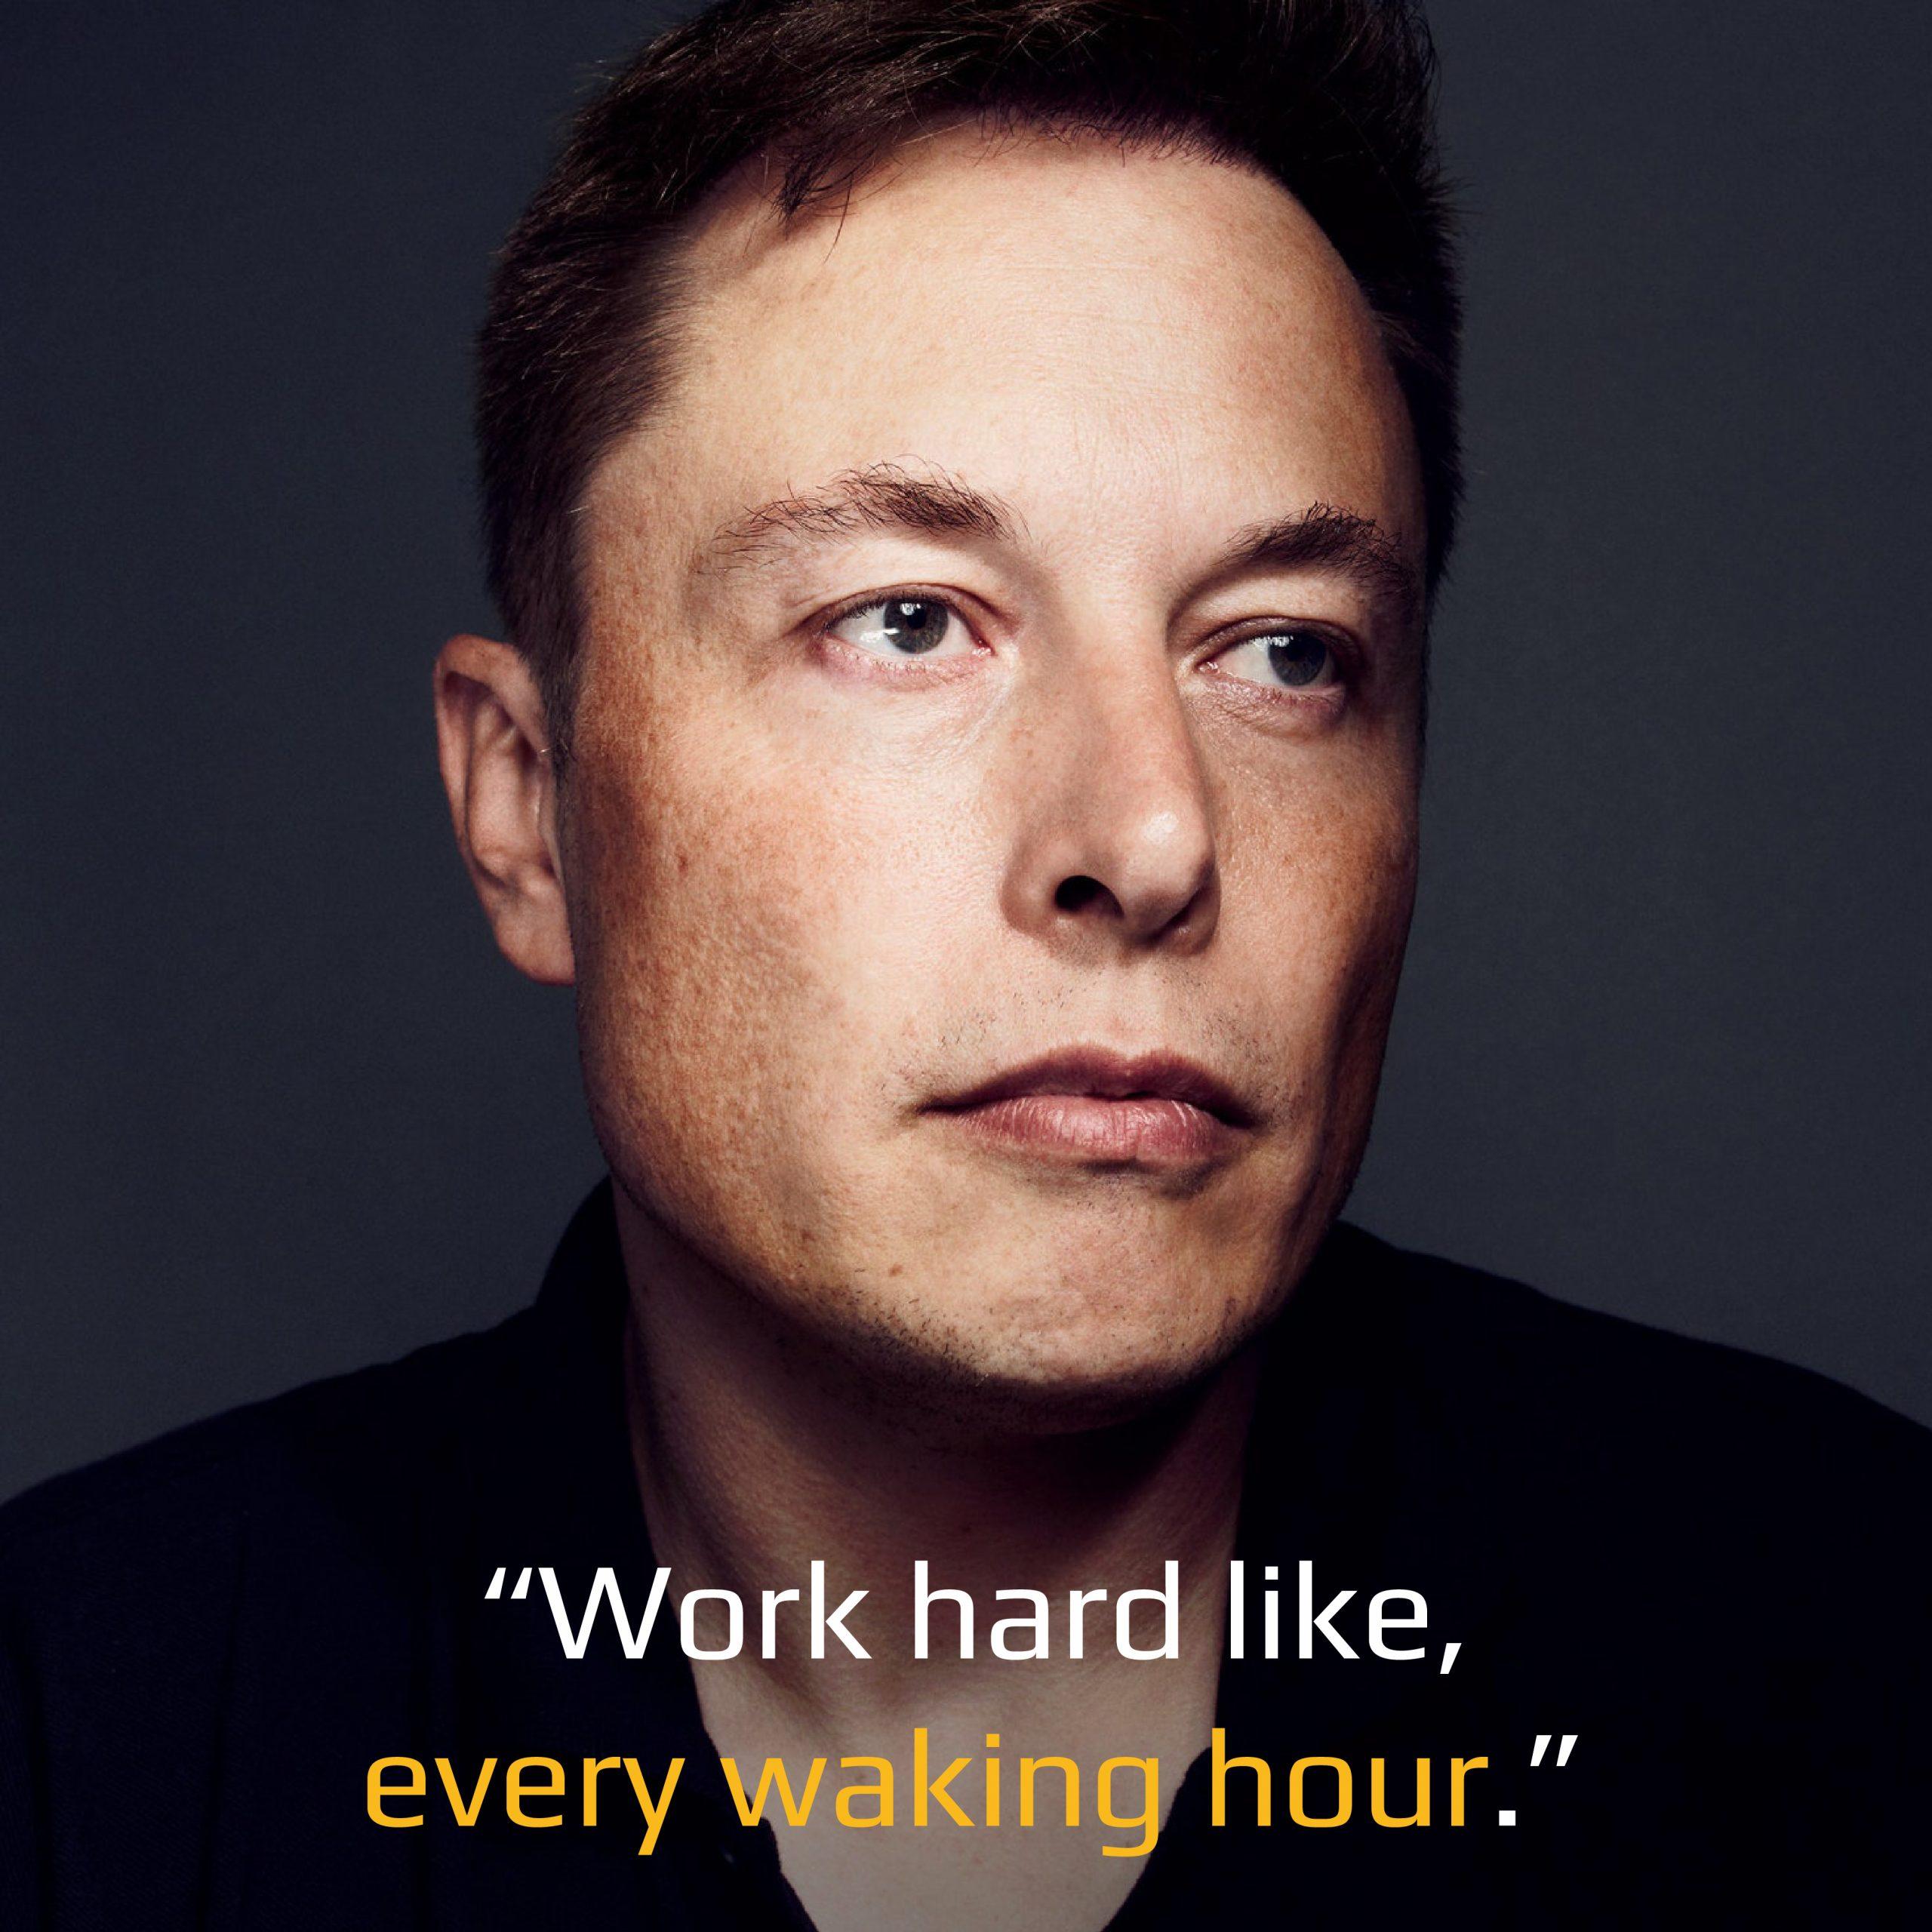 Ta học được gì từ Elon Musk?